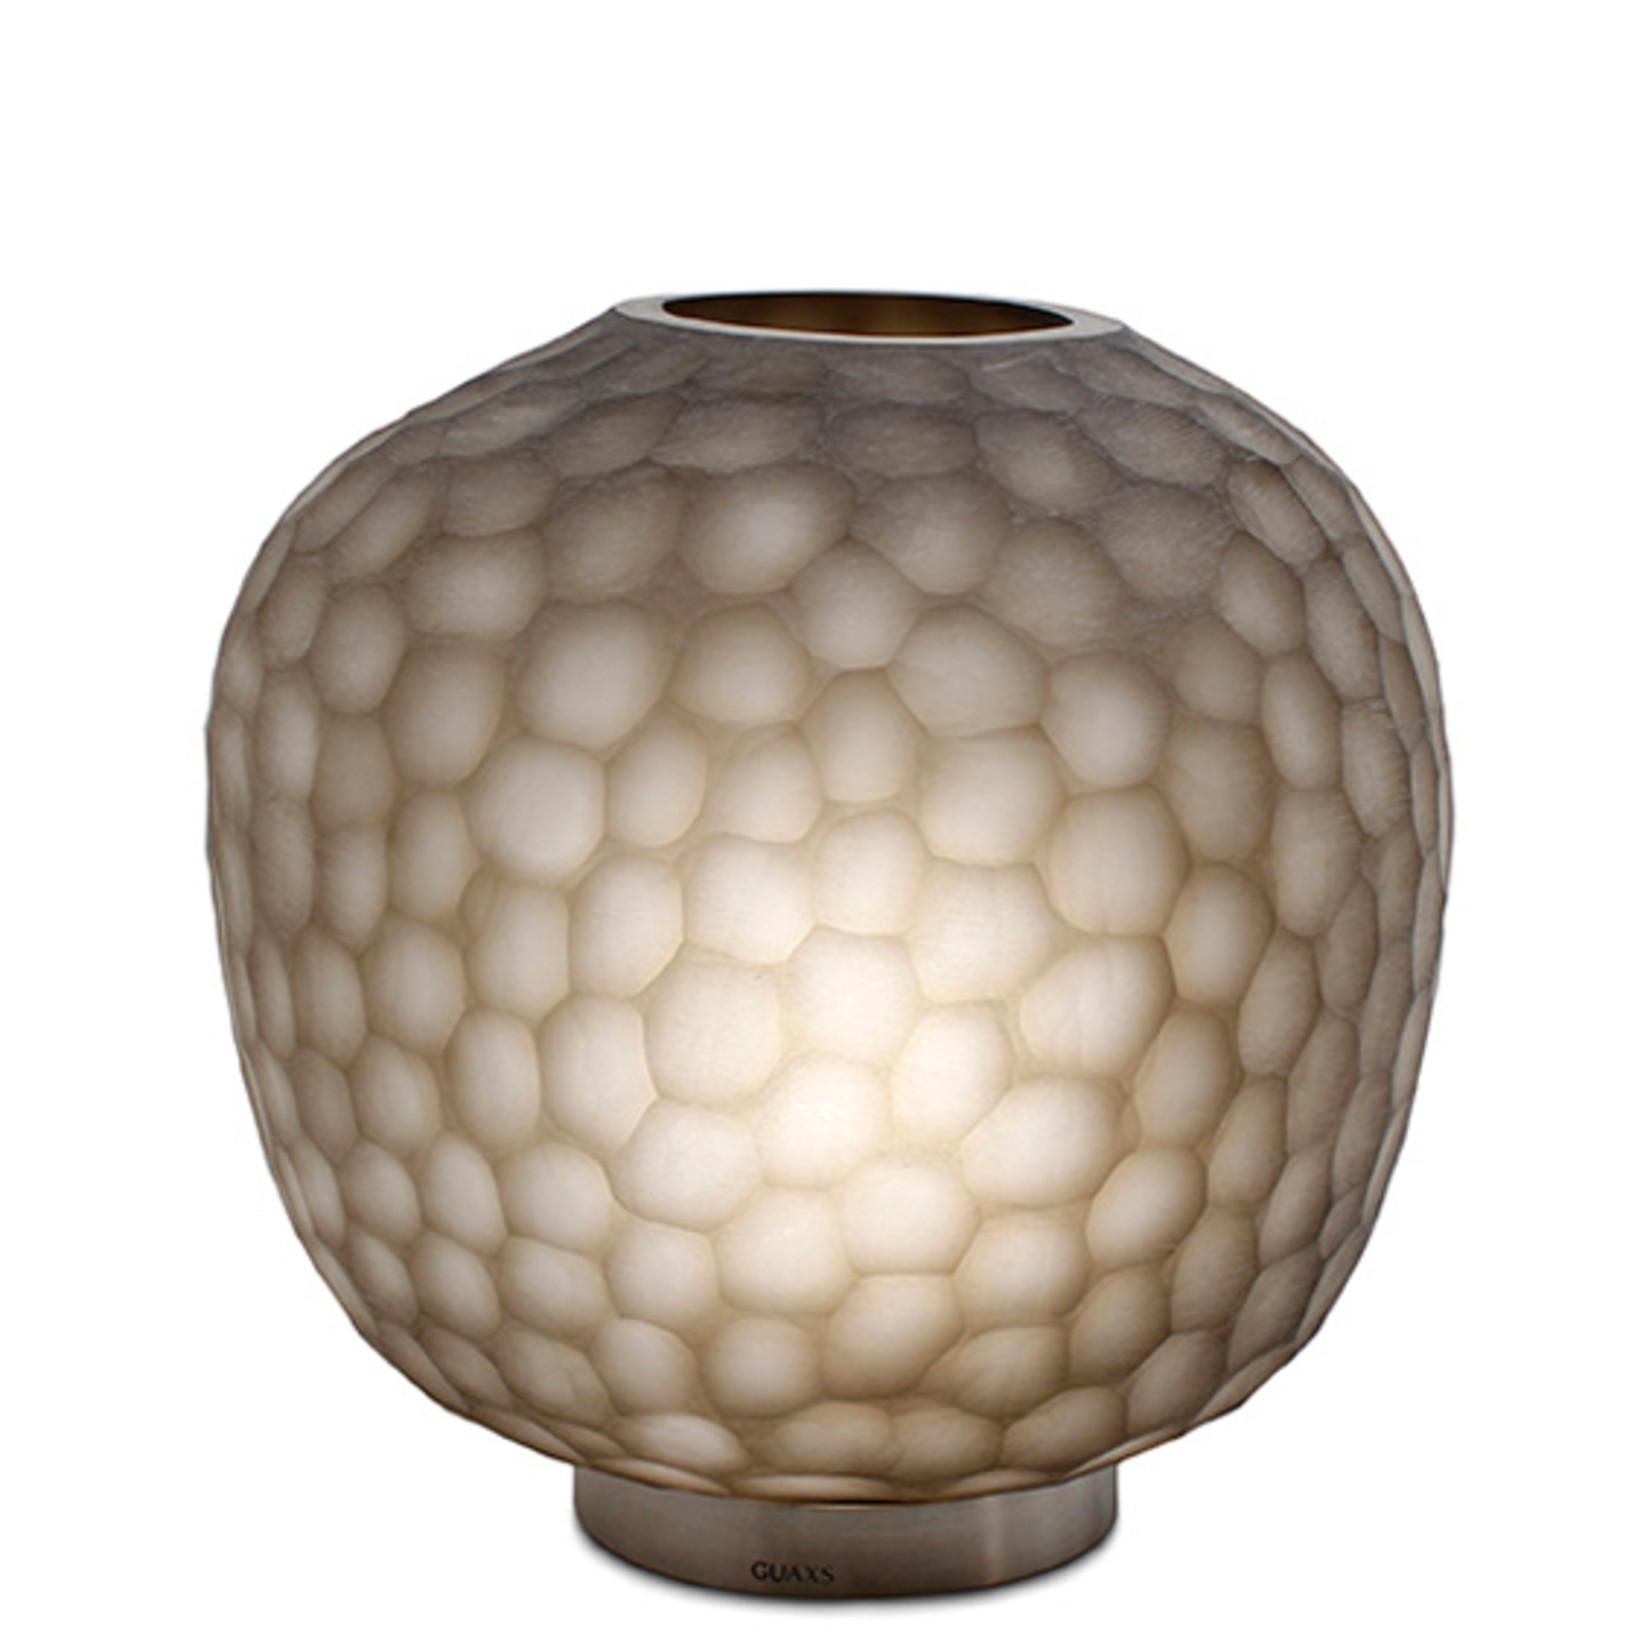 Guaxs Tafellamp Erbse 2 | Clear / Smokegrey